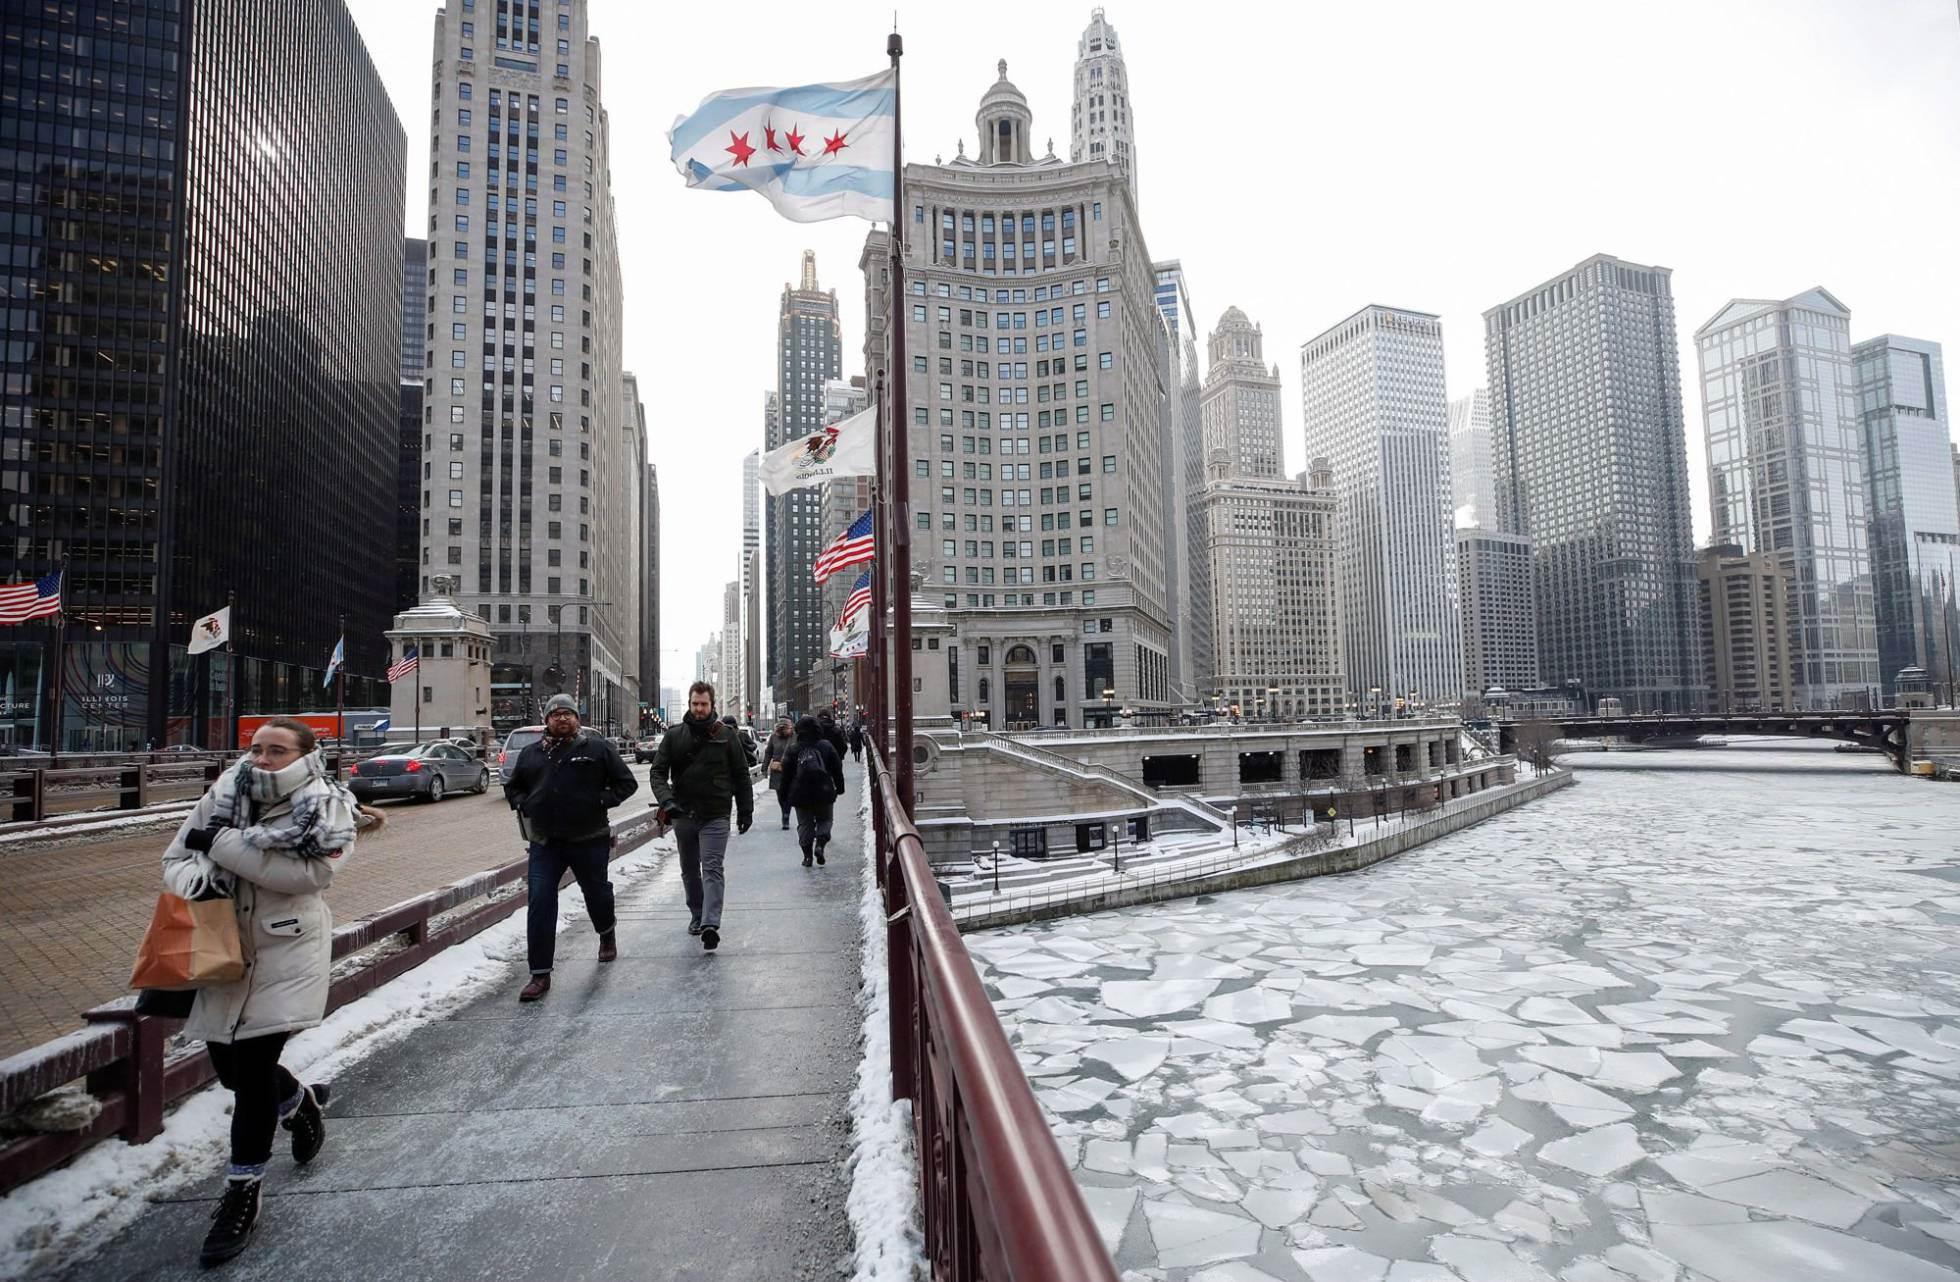 Un grupo de personas caminan durante la ola de frío polar en Chicago, Illinois (EE UU).